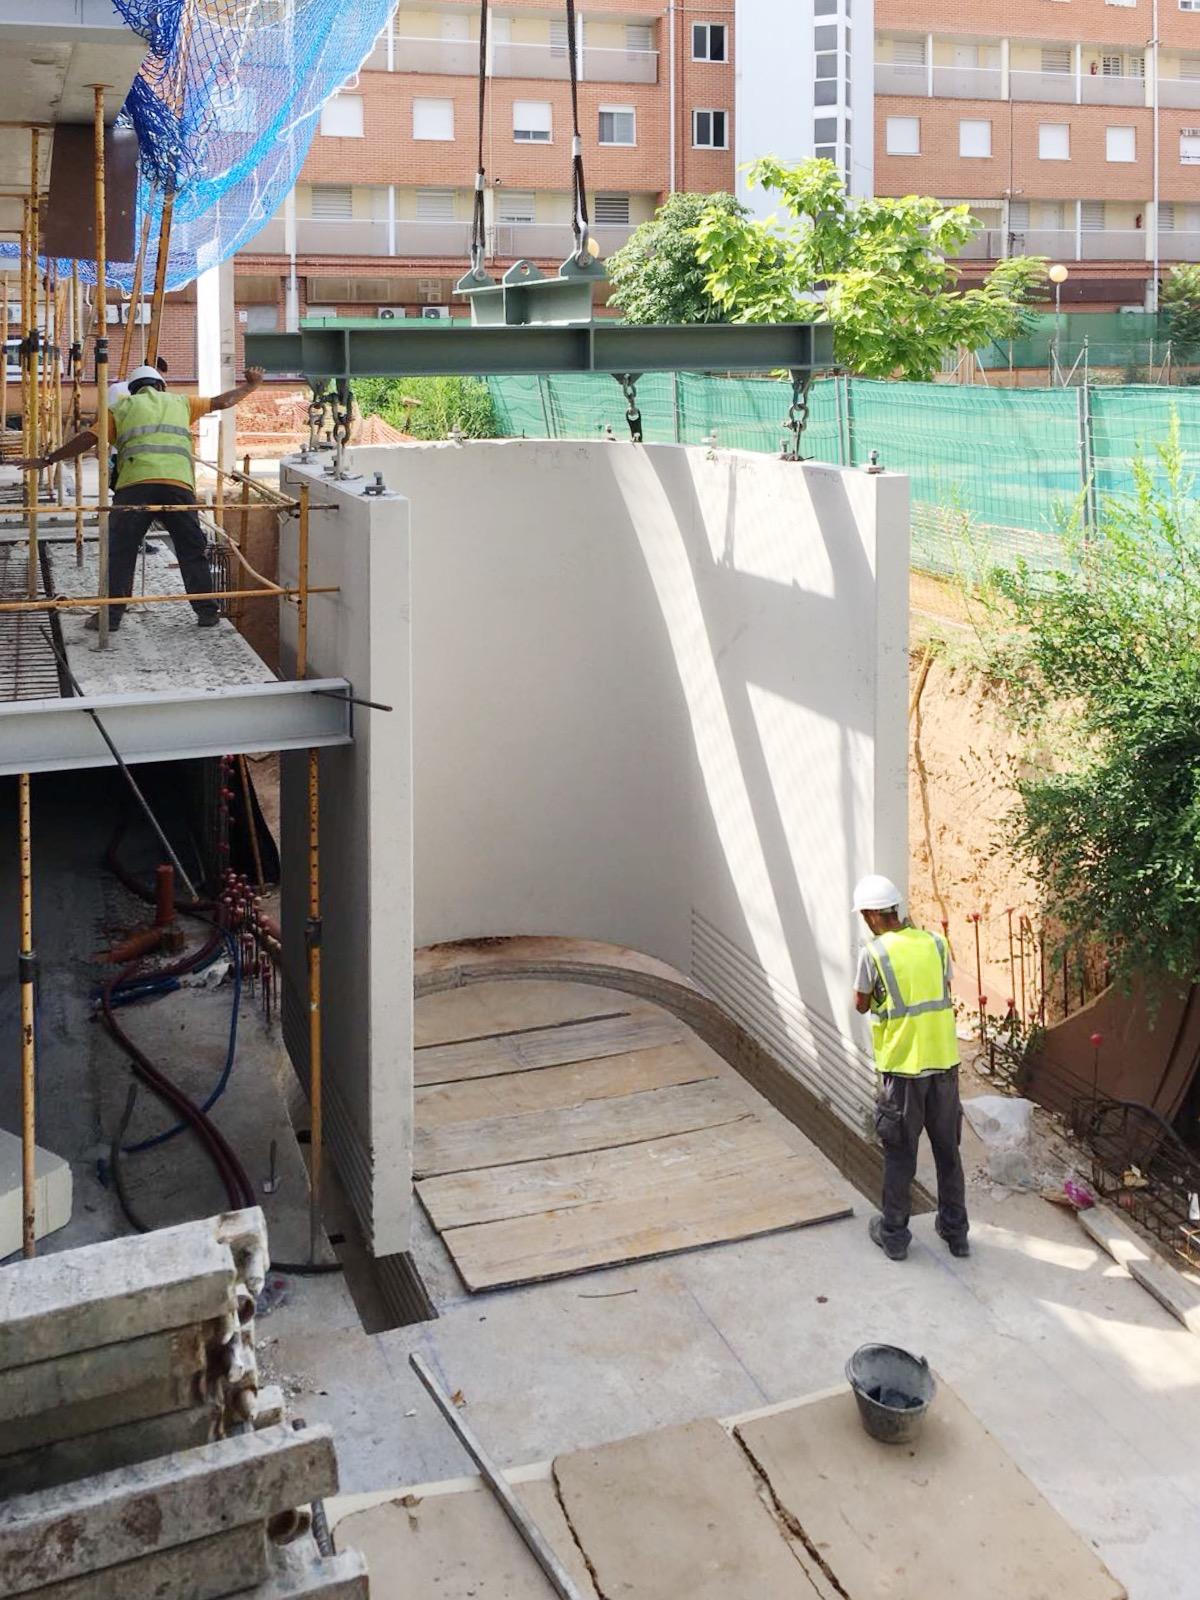 romero_vallejo_vitapolis_en_construcción_6